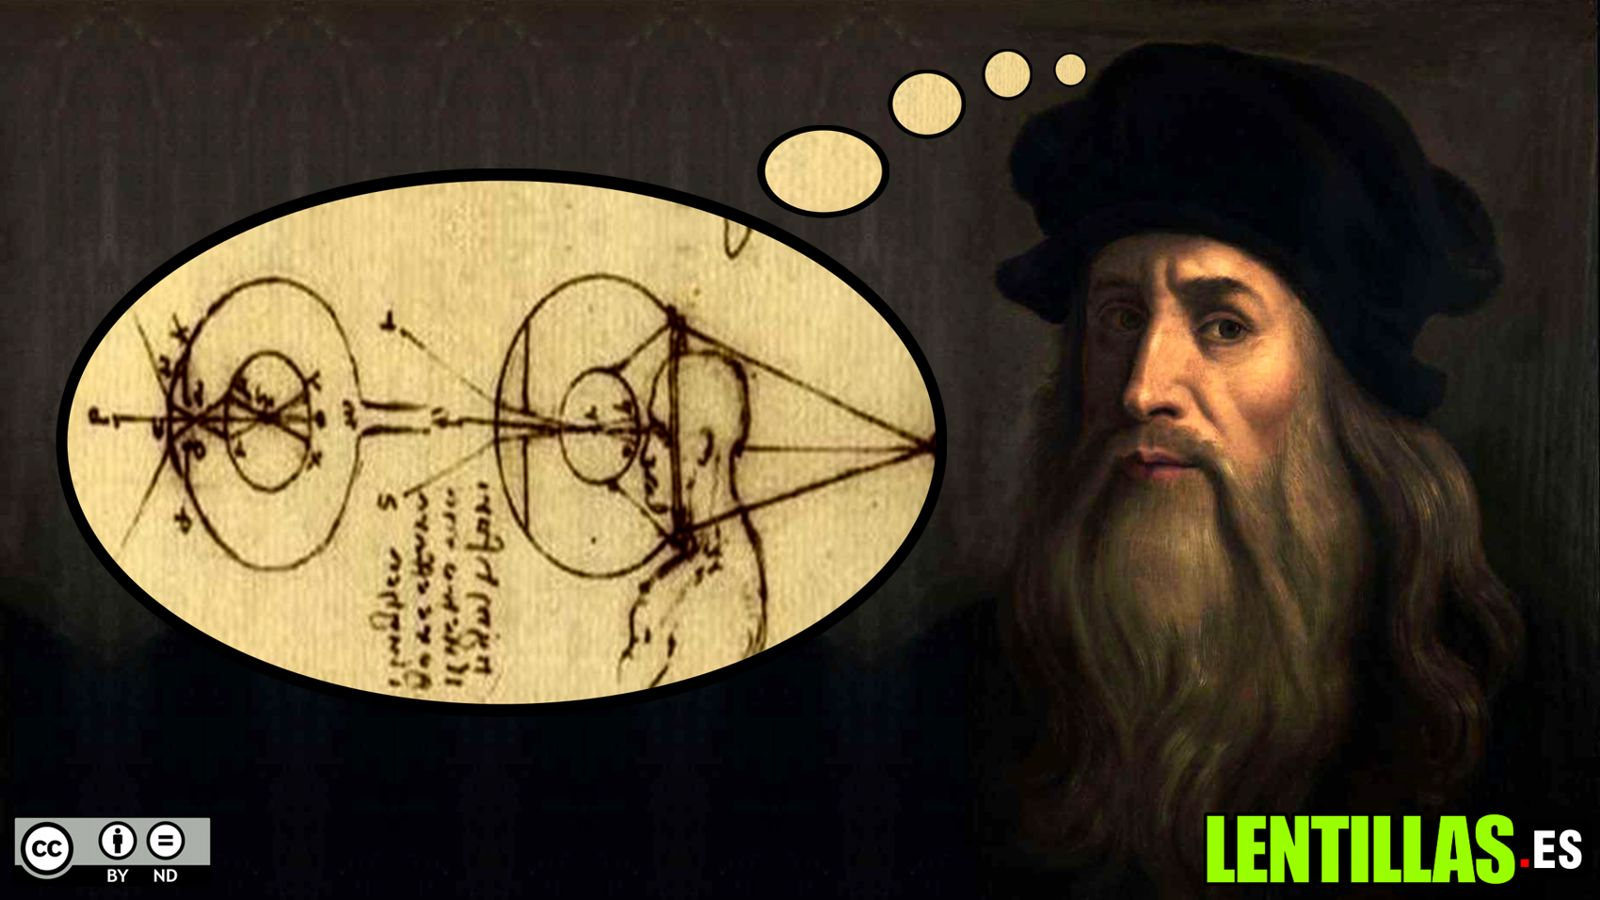 Leonardo da Vinci inventor de las lentillas